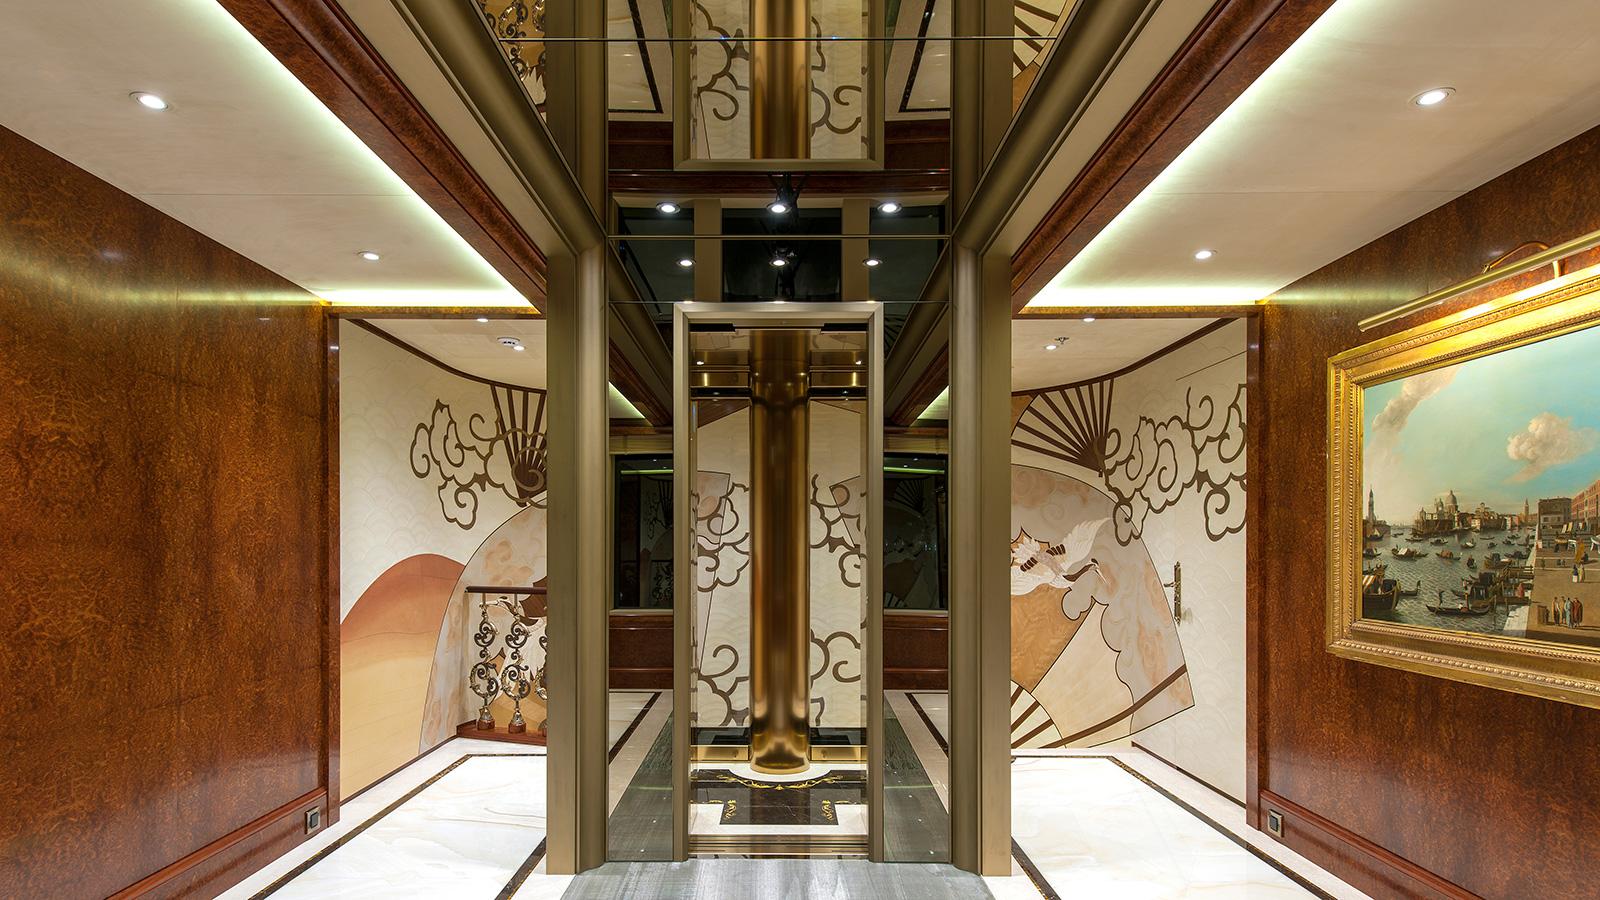 Ester Iii Yacht Elevator